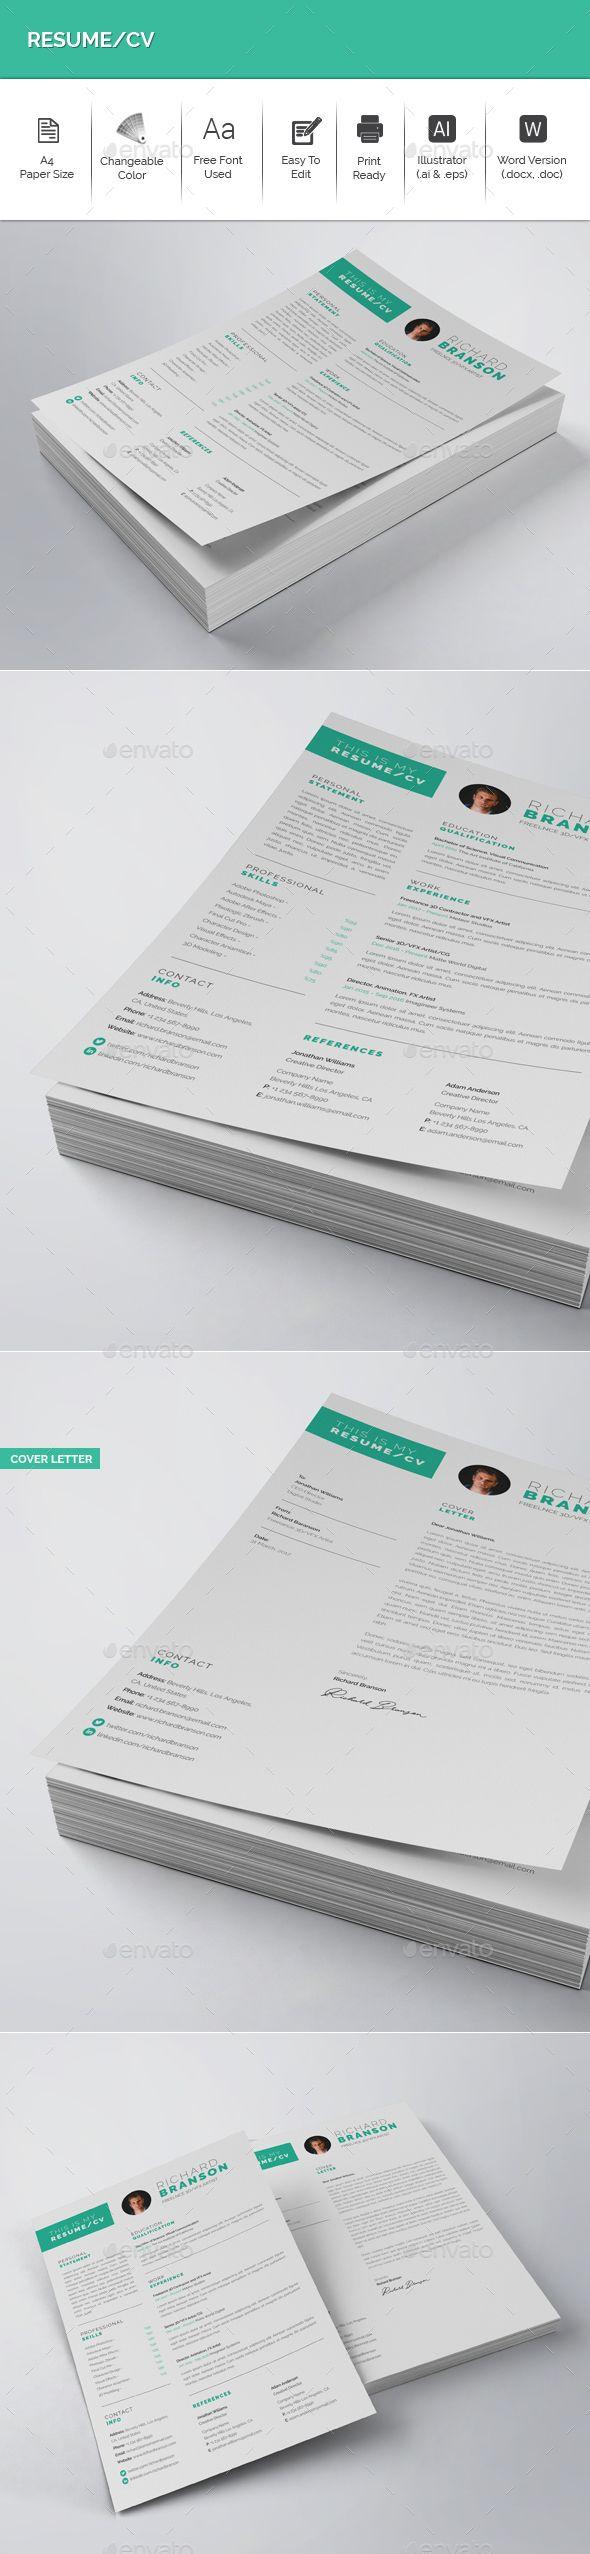 ResumeCV 100 best CV images on Pinterest